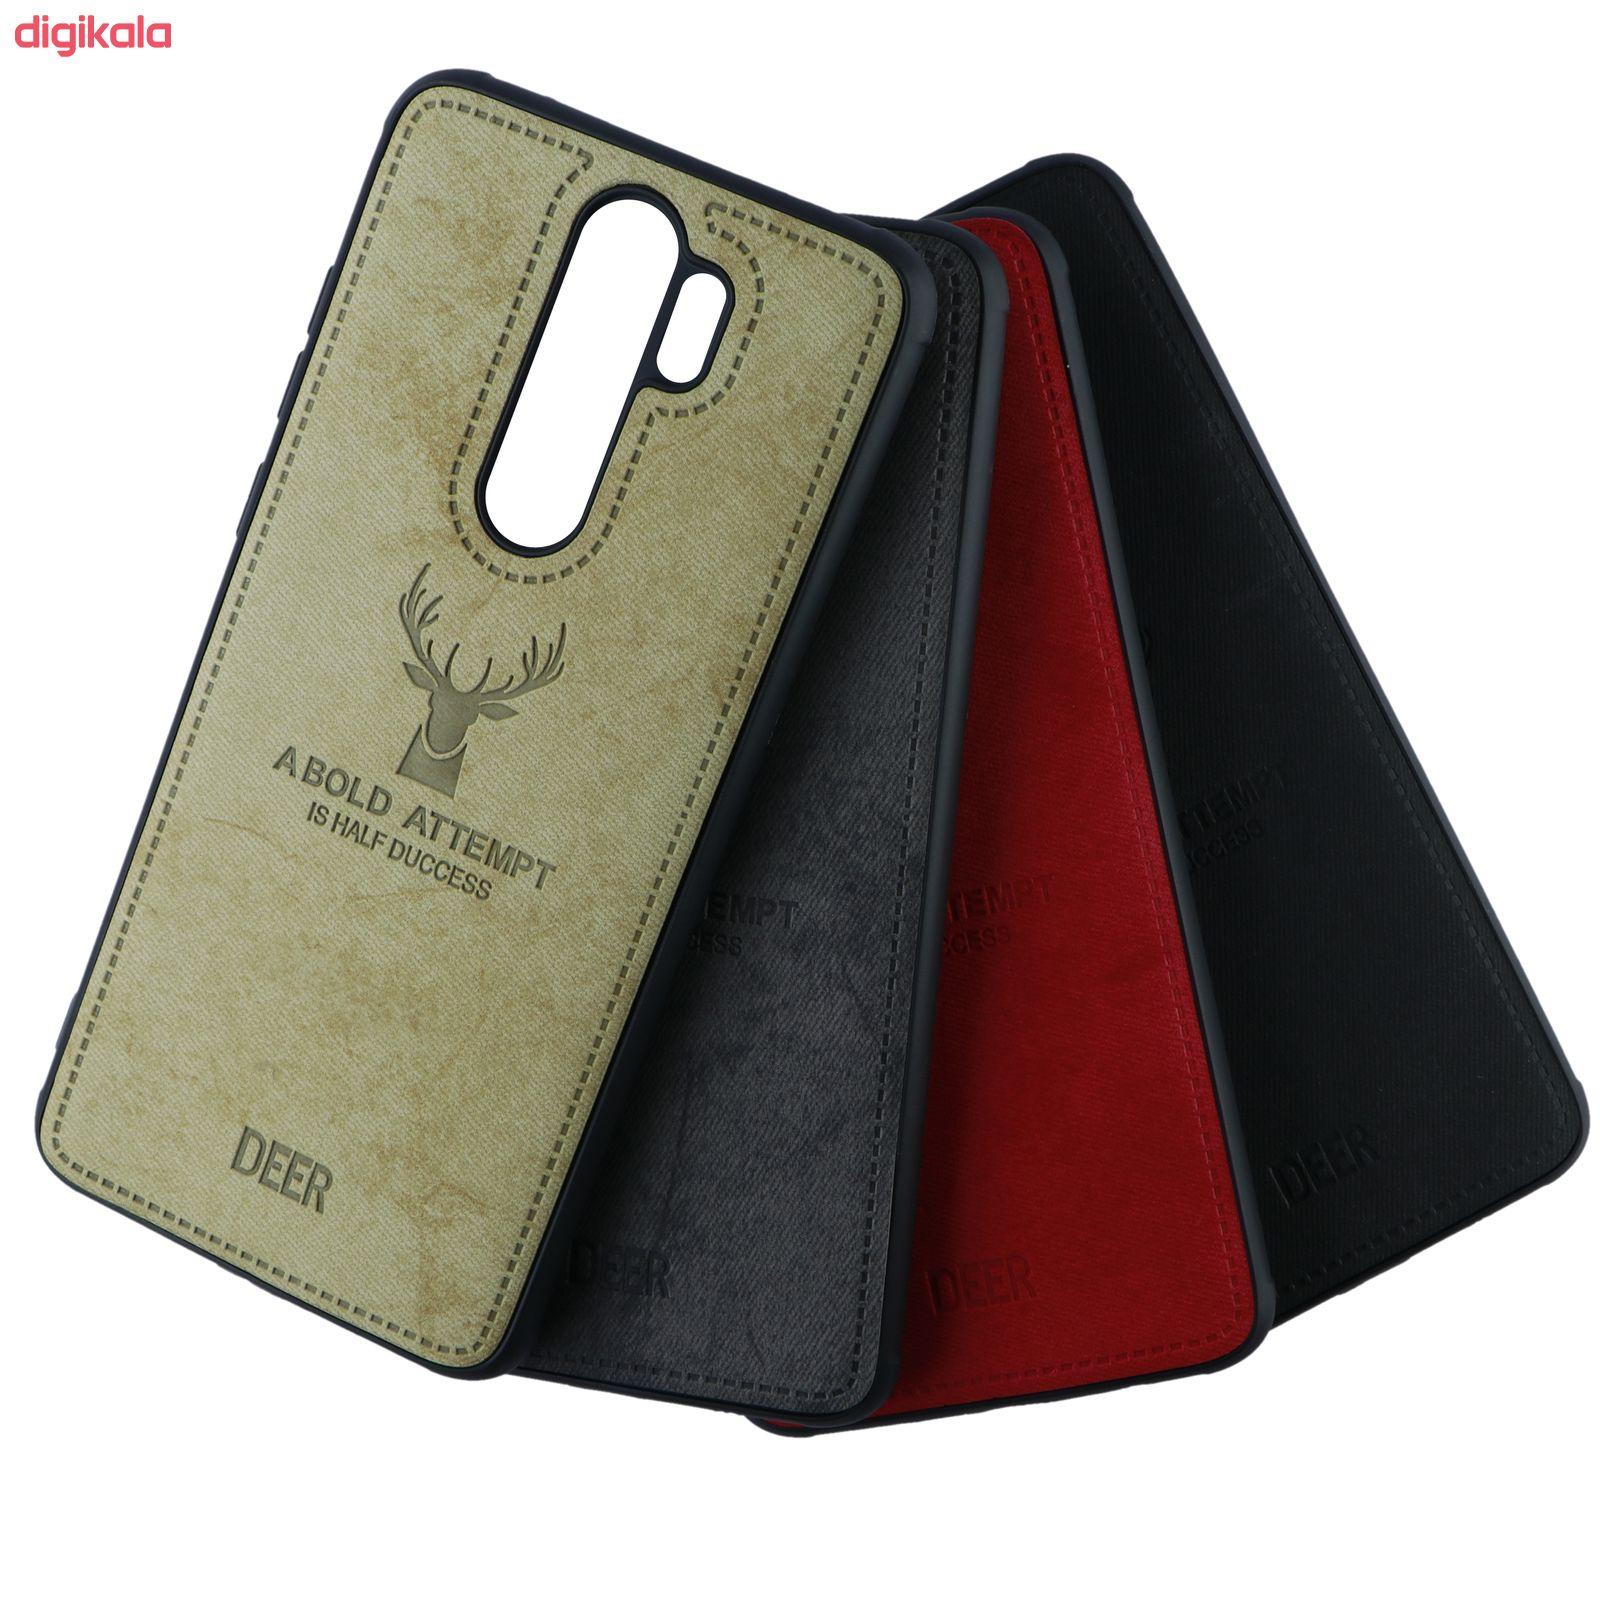 کاور مدل SD1 مناسب برای گوشی موبایل شیائومی Redmi Note 8 pro main 1 2